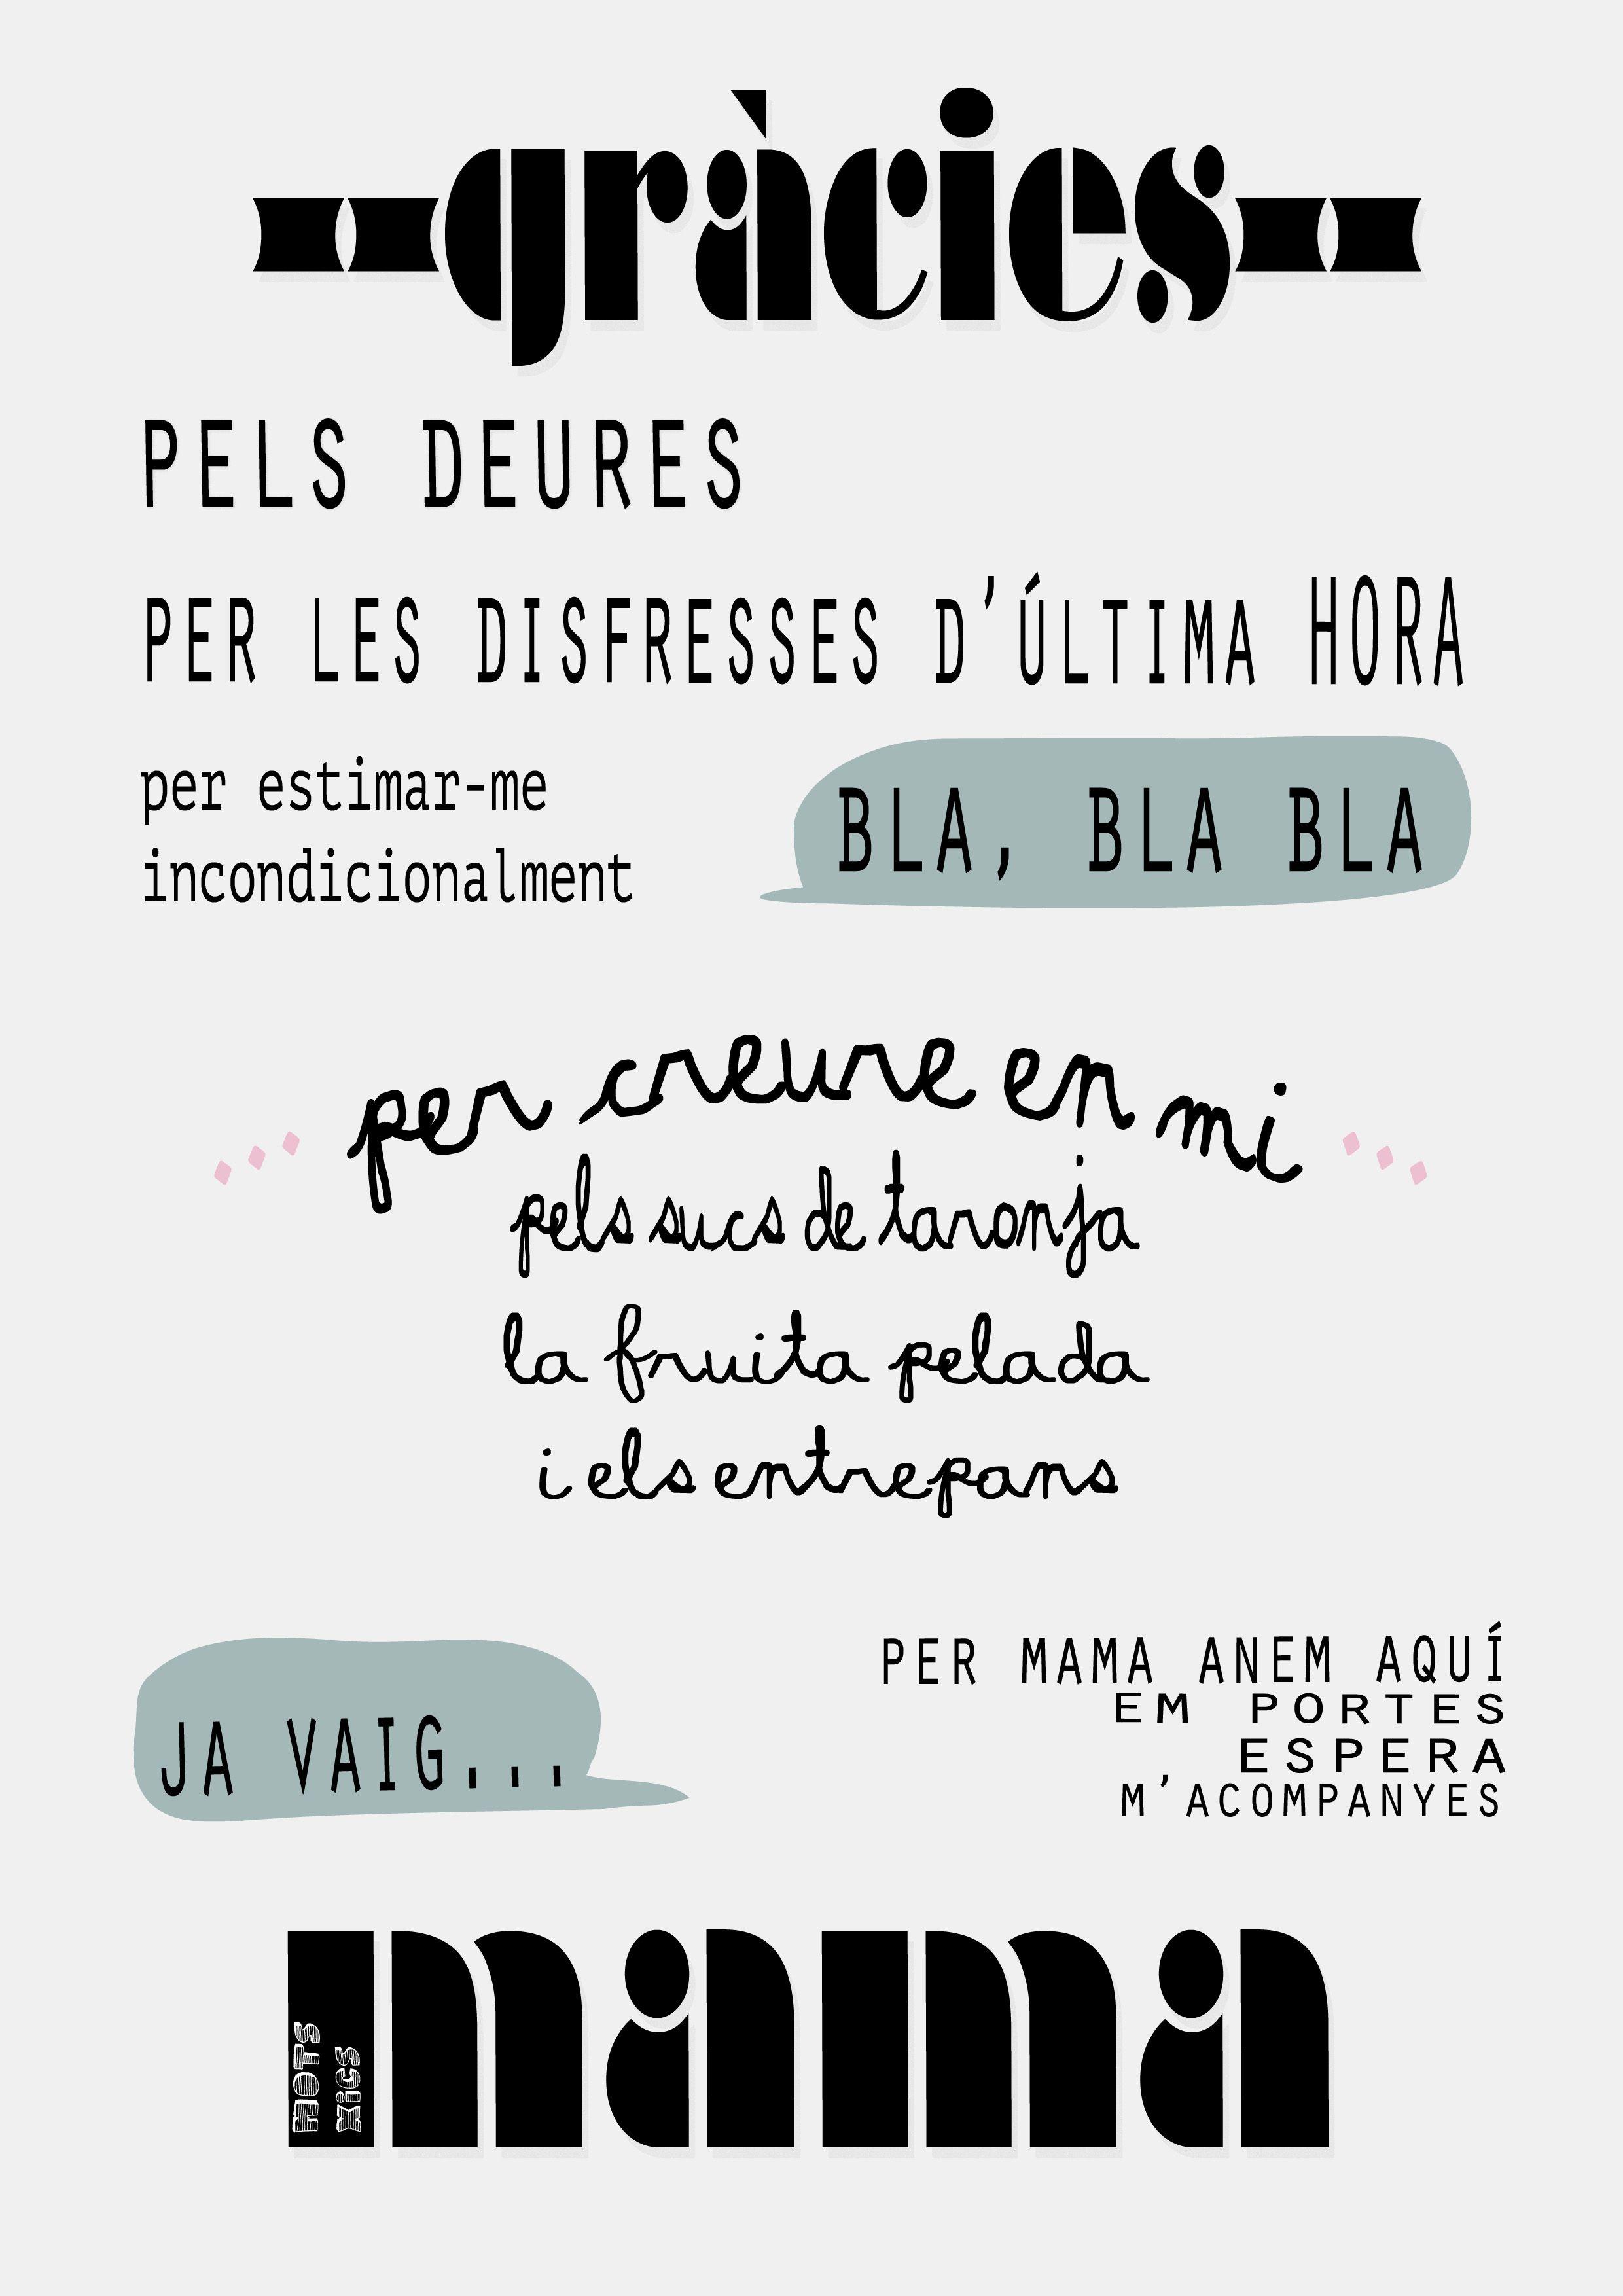 Mots En Català Pel Dia De La Mare Frases Positivas Frases